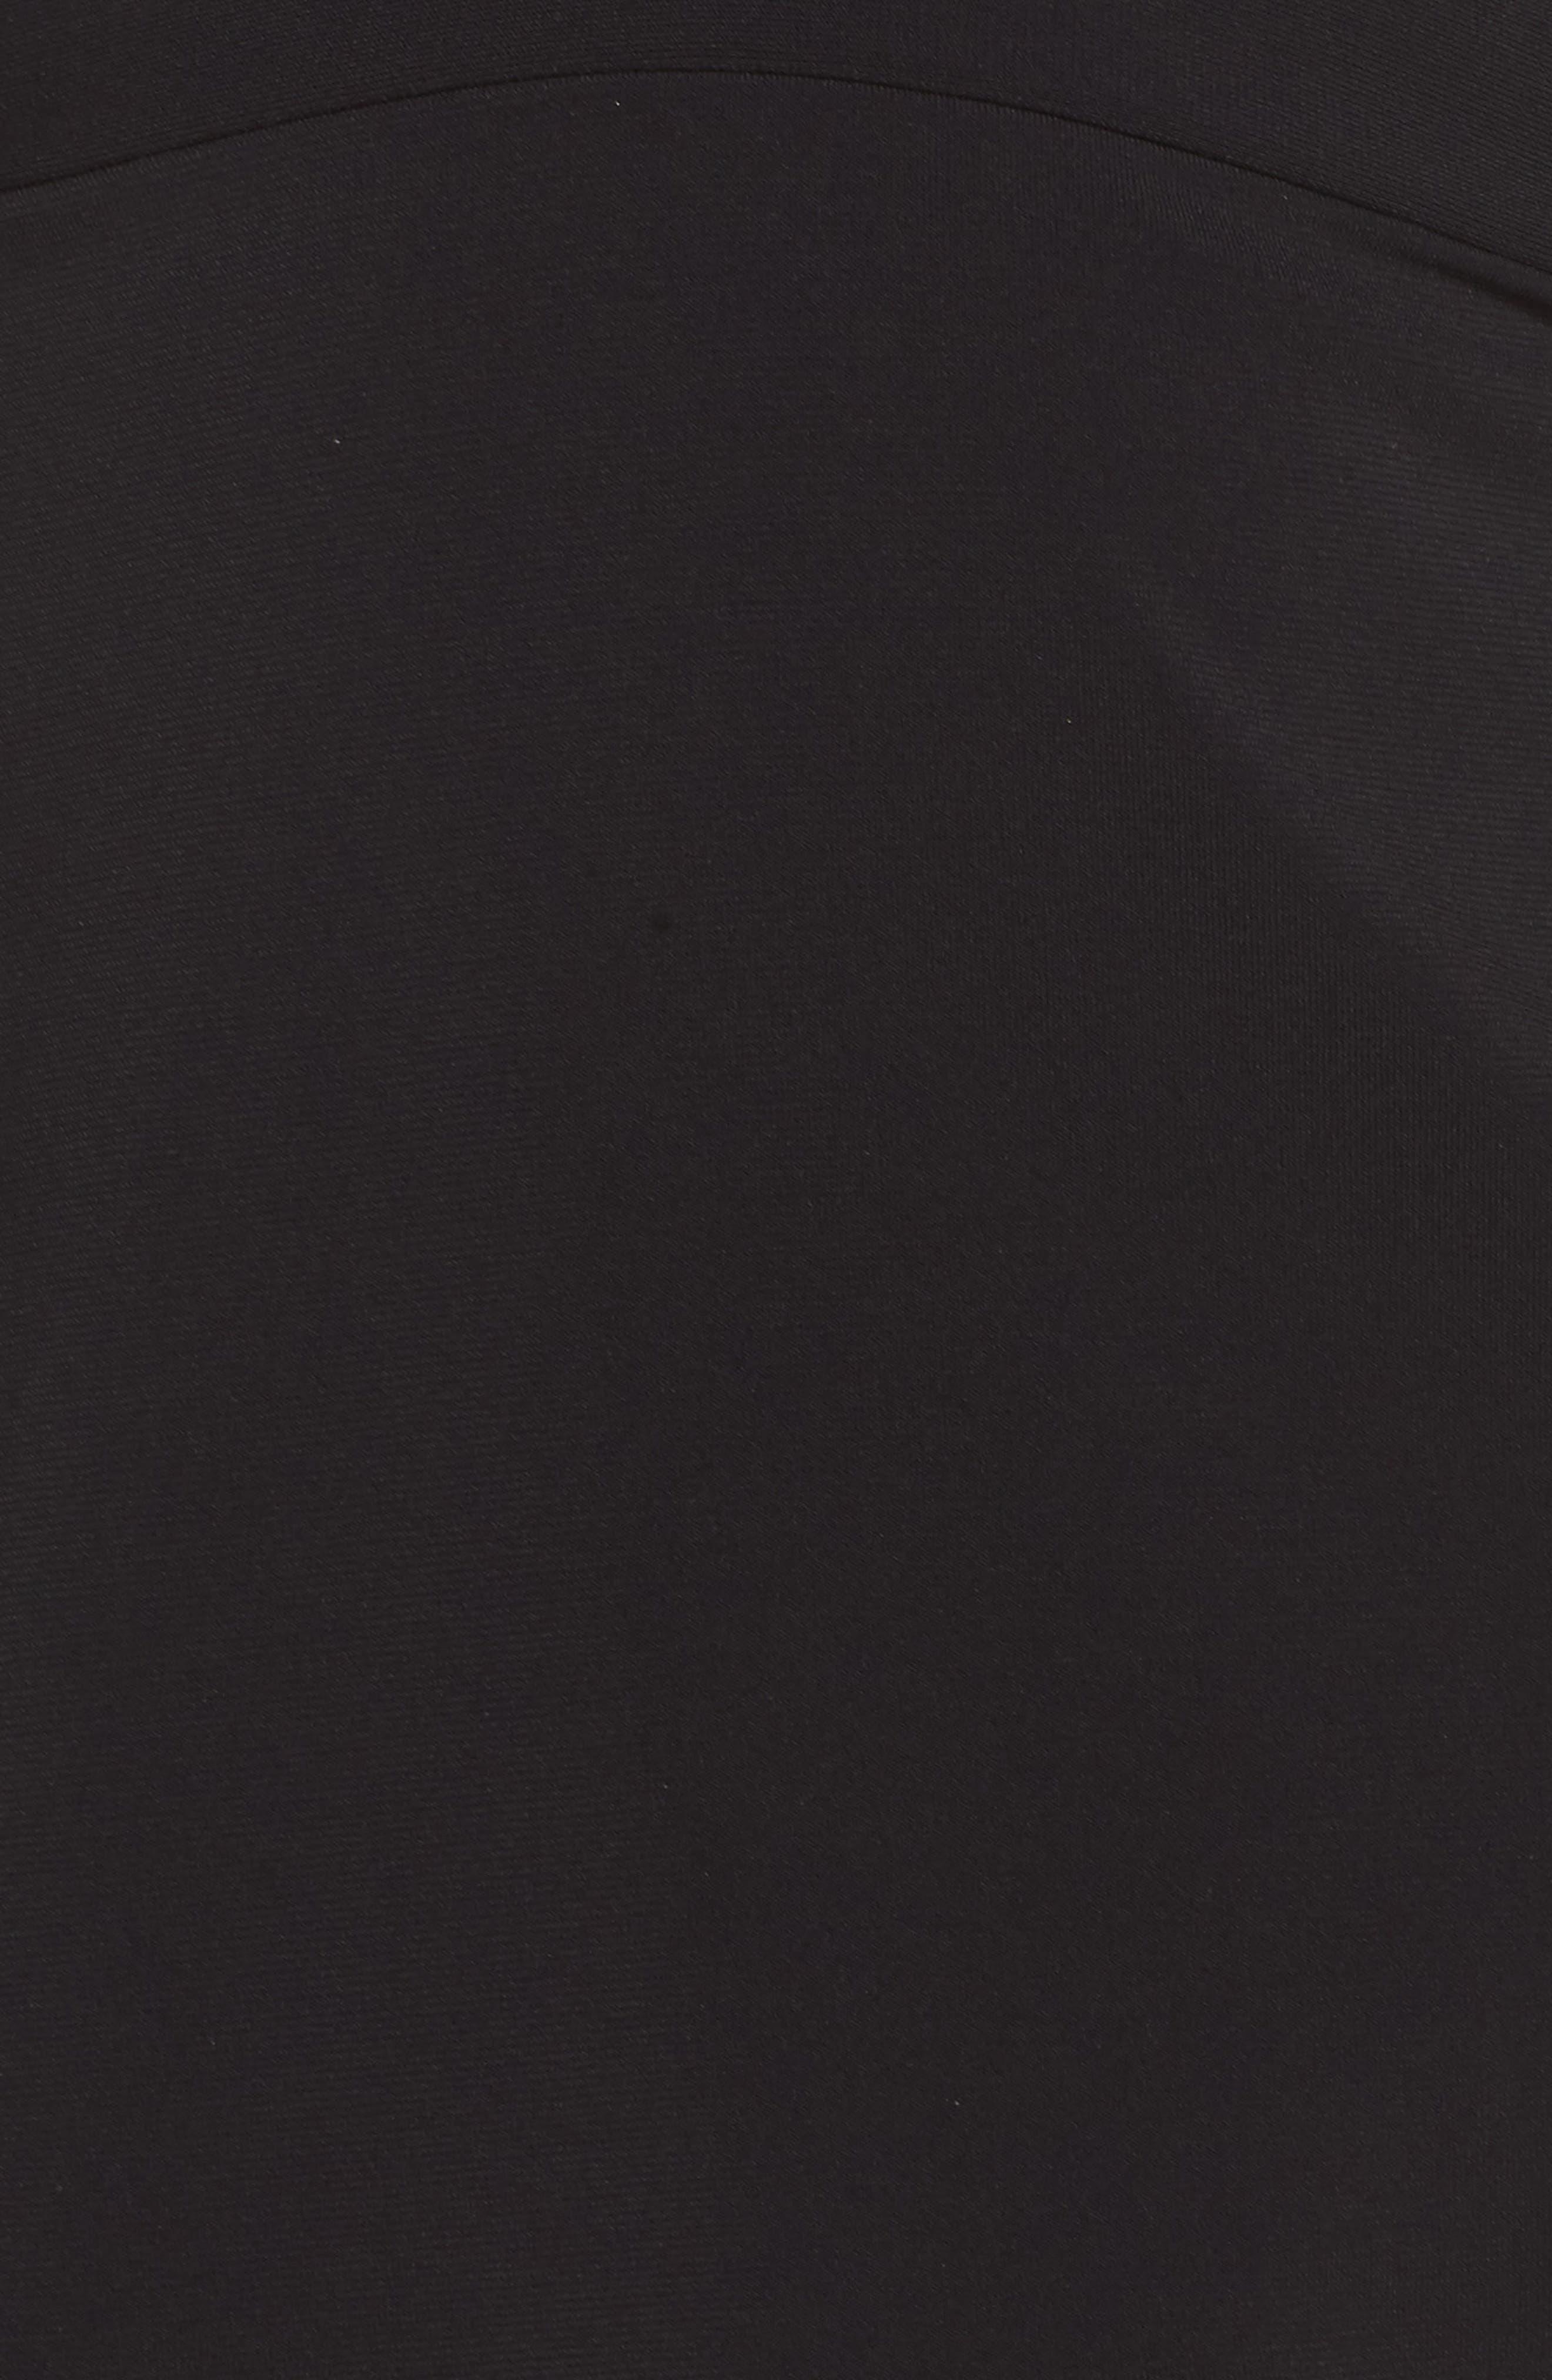 Lina Ruffle Tankini Top,                             Alternate thumbnail 3, color,                             Black